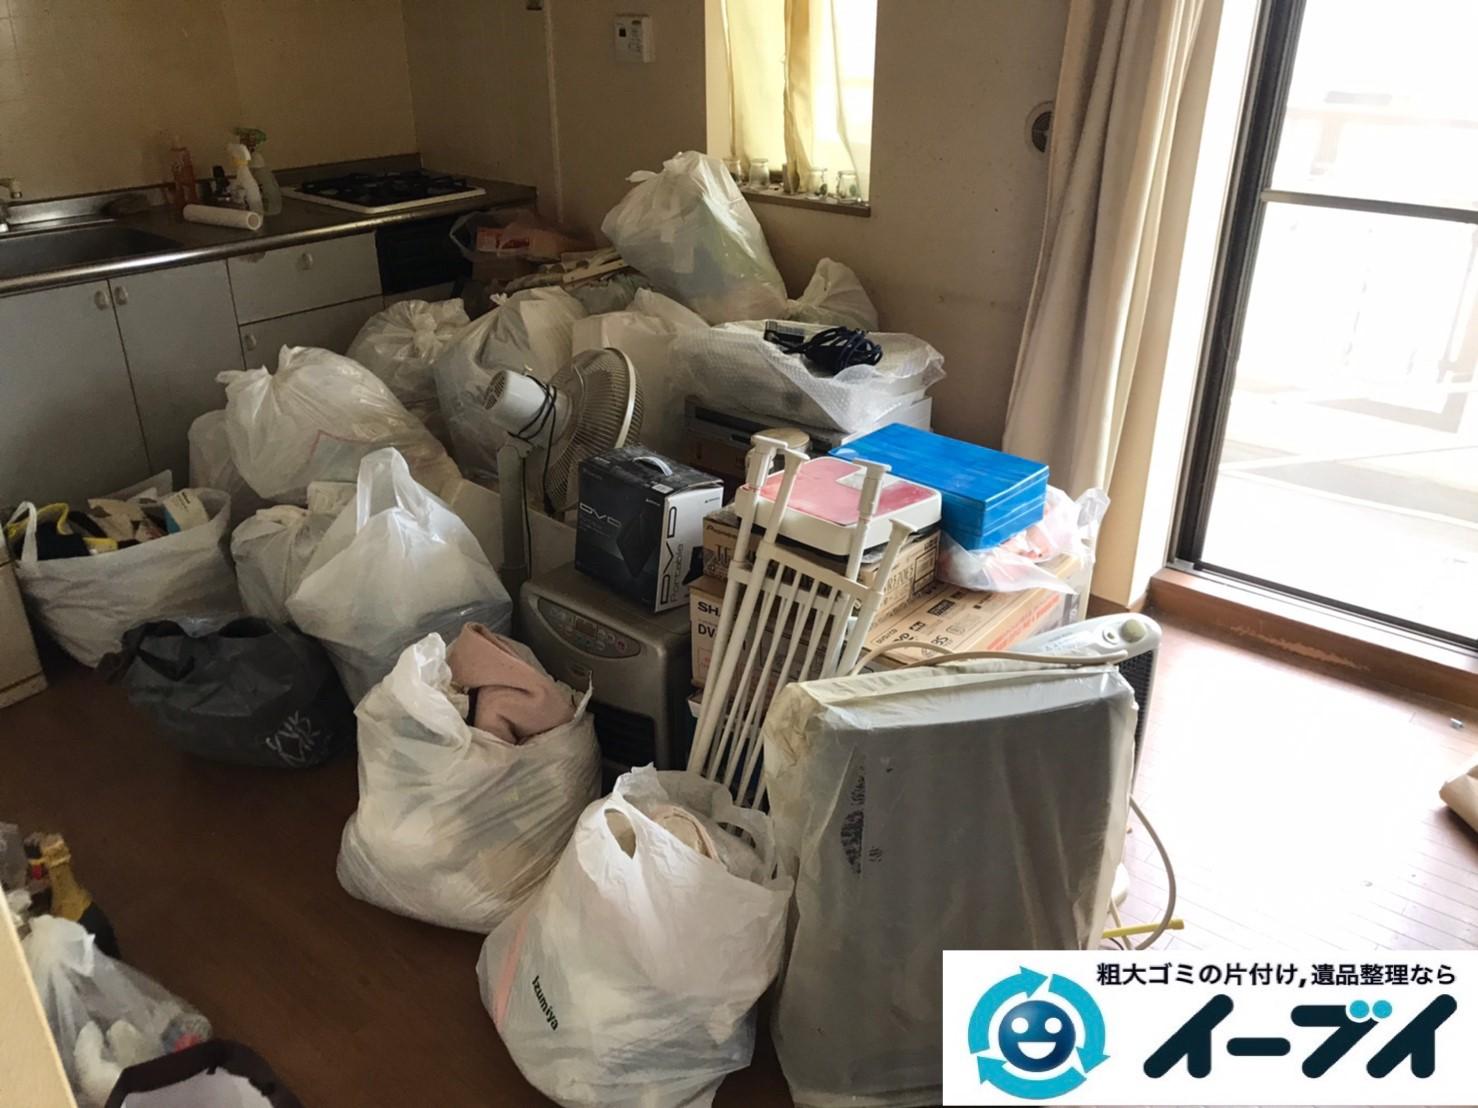 2020年3月12日大阪府大阪市北区で冷蔵庫、ヒーター、扇風機などの家電の不用品回収。写真1